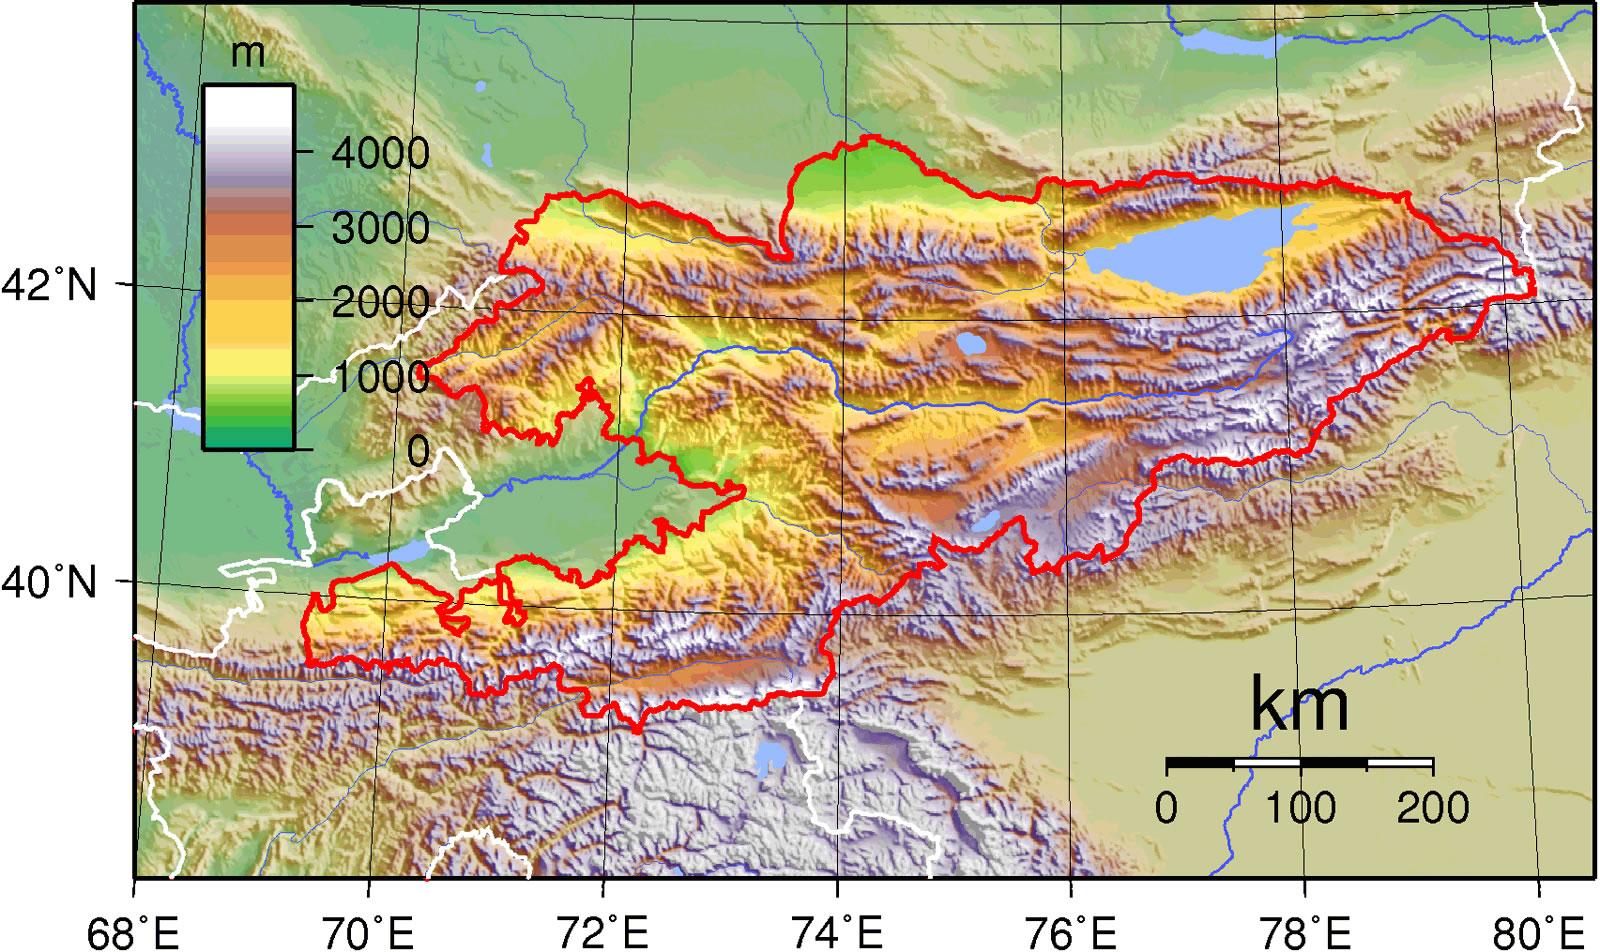 Carte topographique Kirghizistan, Carte topographique de Kirghizistan